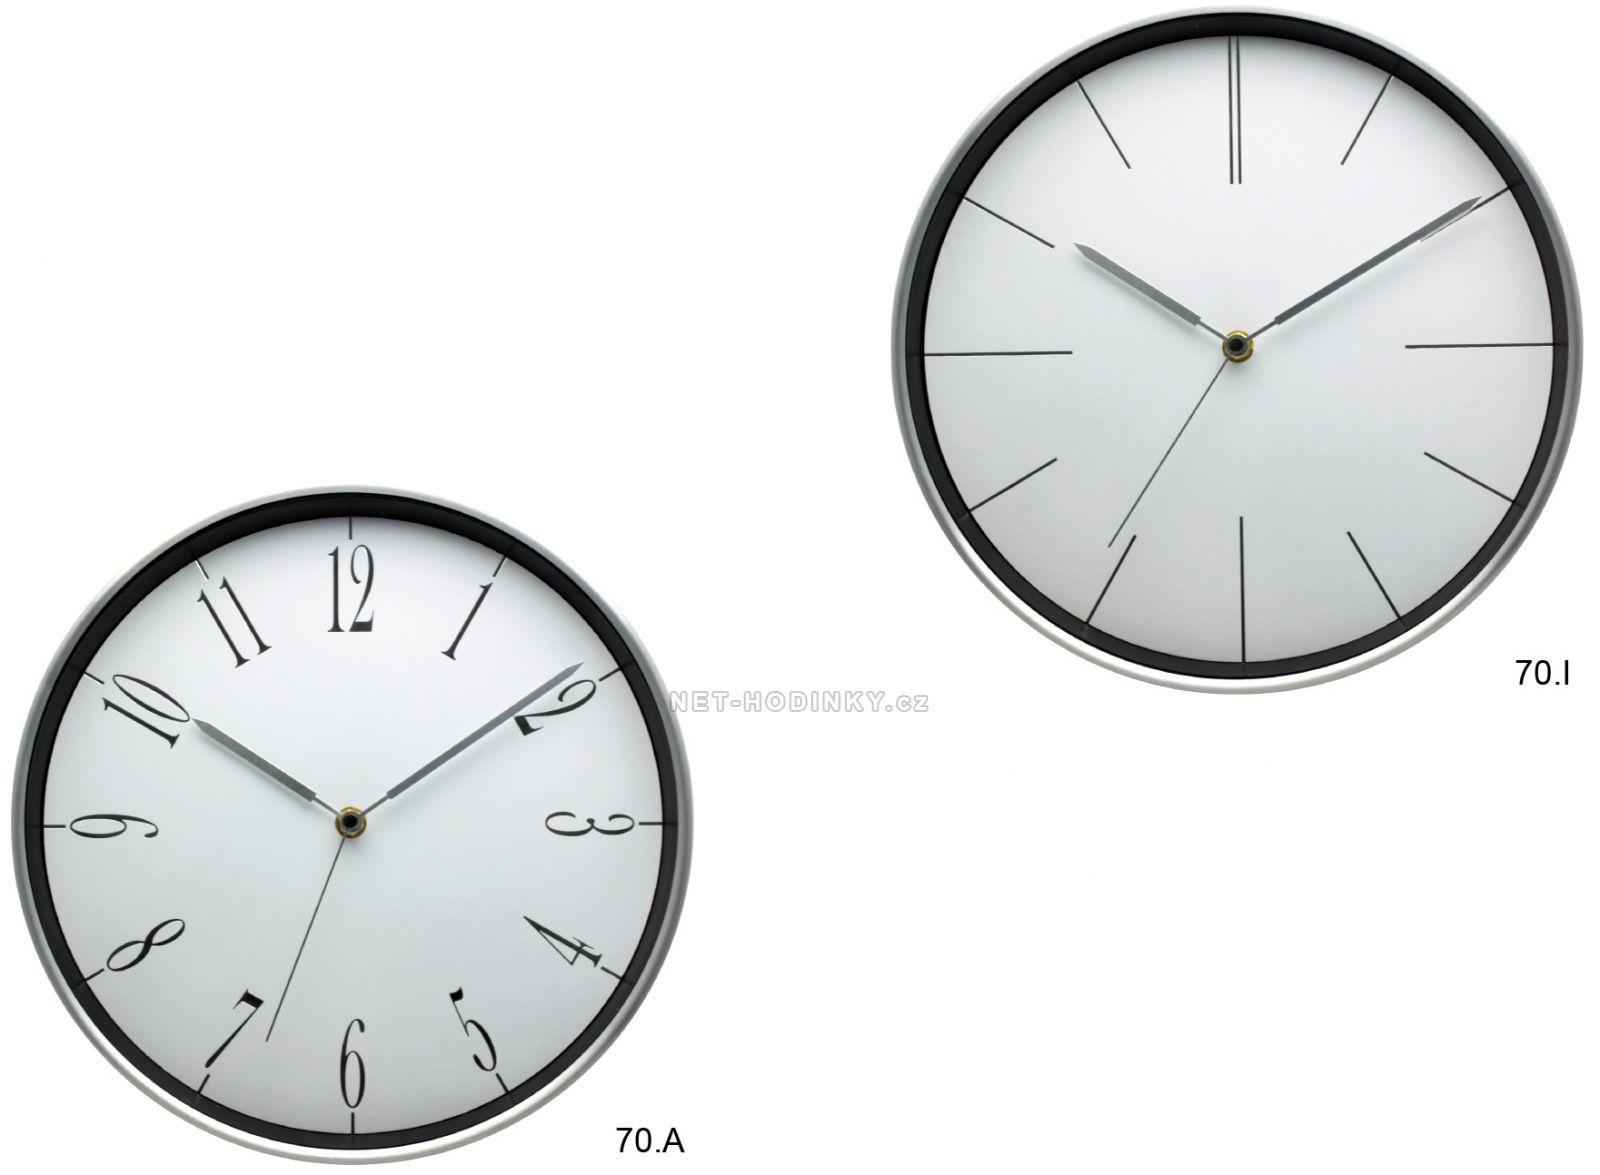 Nástěnné hodiny kulaté na stěnu, nástěnné hodiny na zeď kovové 70.A - stříbrná